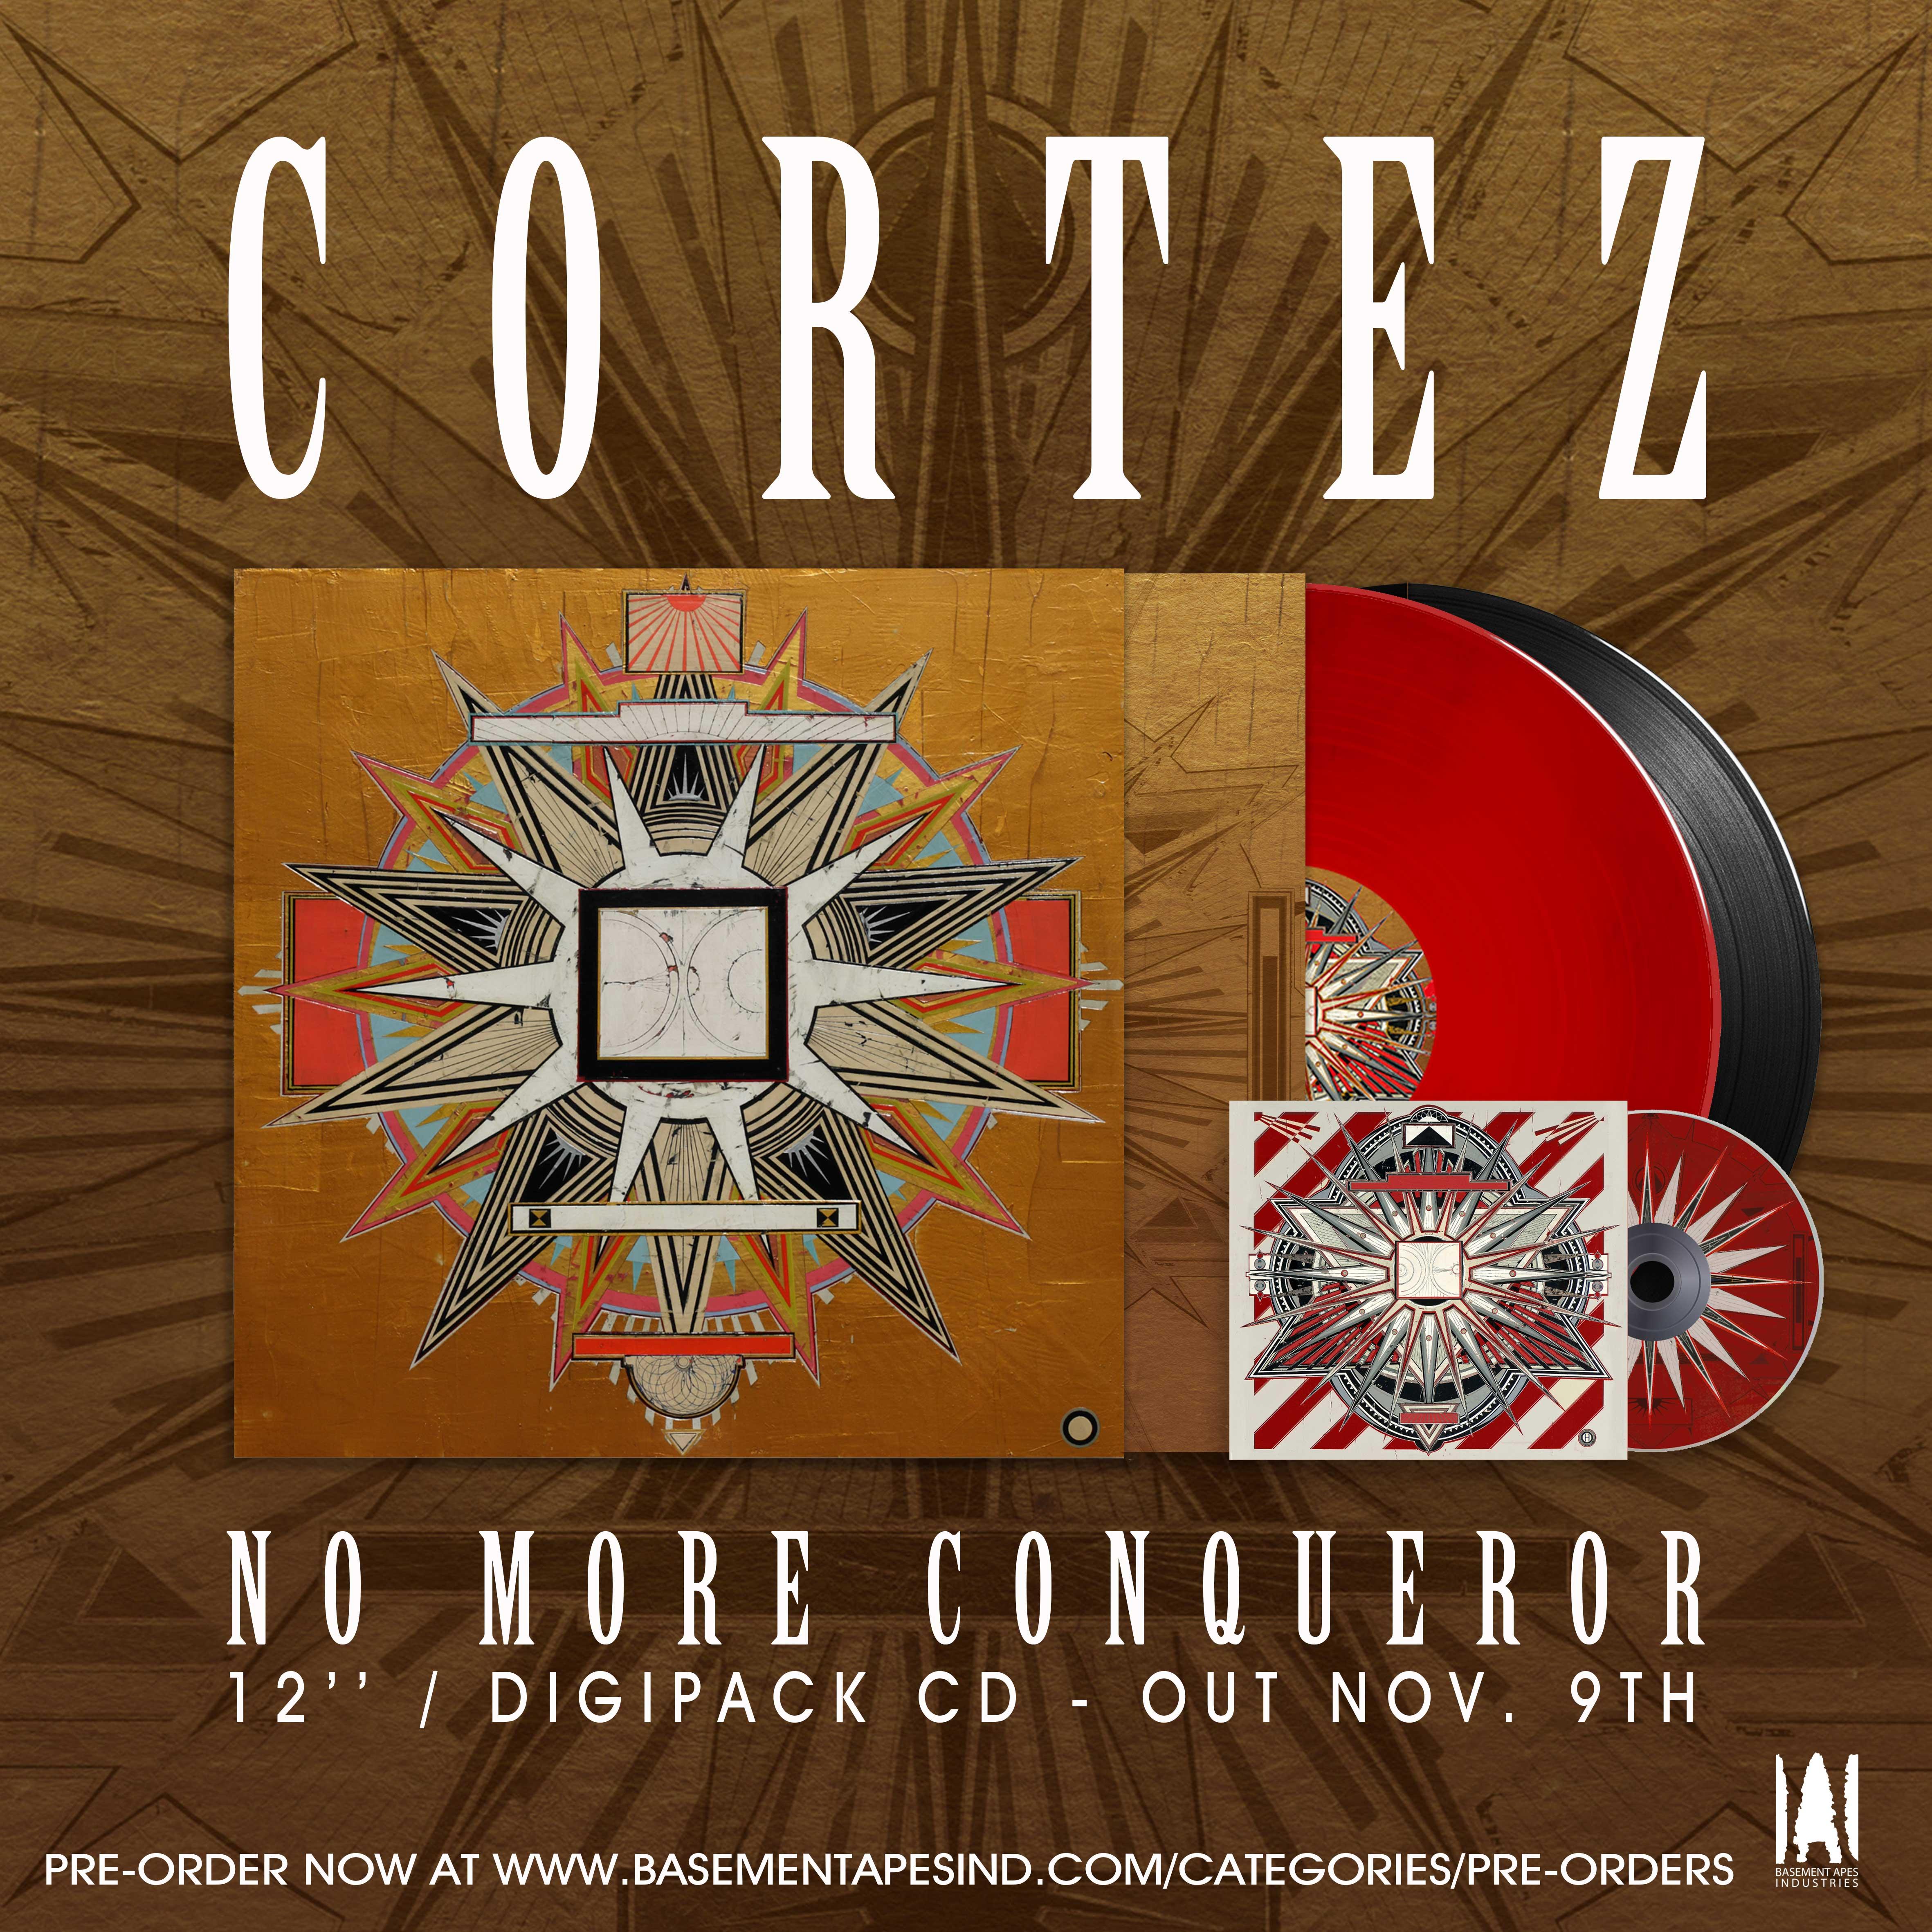 CORTEZ No more conqueror 12